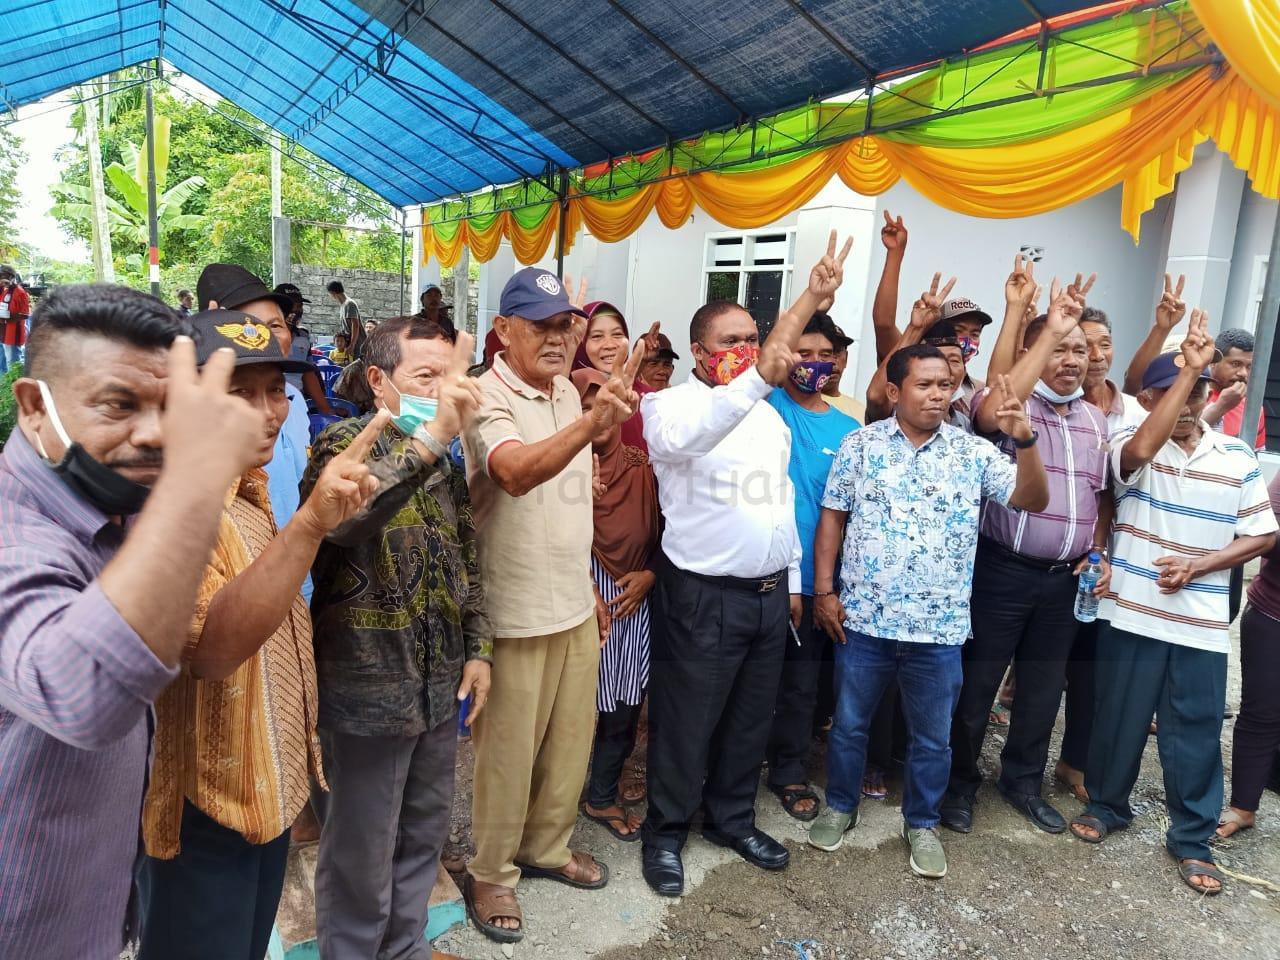 Hermus Sampaikan Ini Saat Warga Kampung Wapramasi Keluhkan Air Bersih, Irigasi Sering Kotor 24 IMG 20201127 WA0032